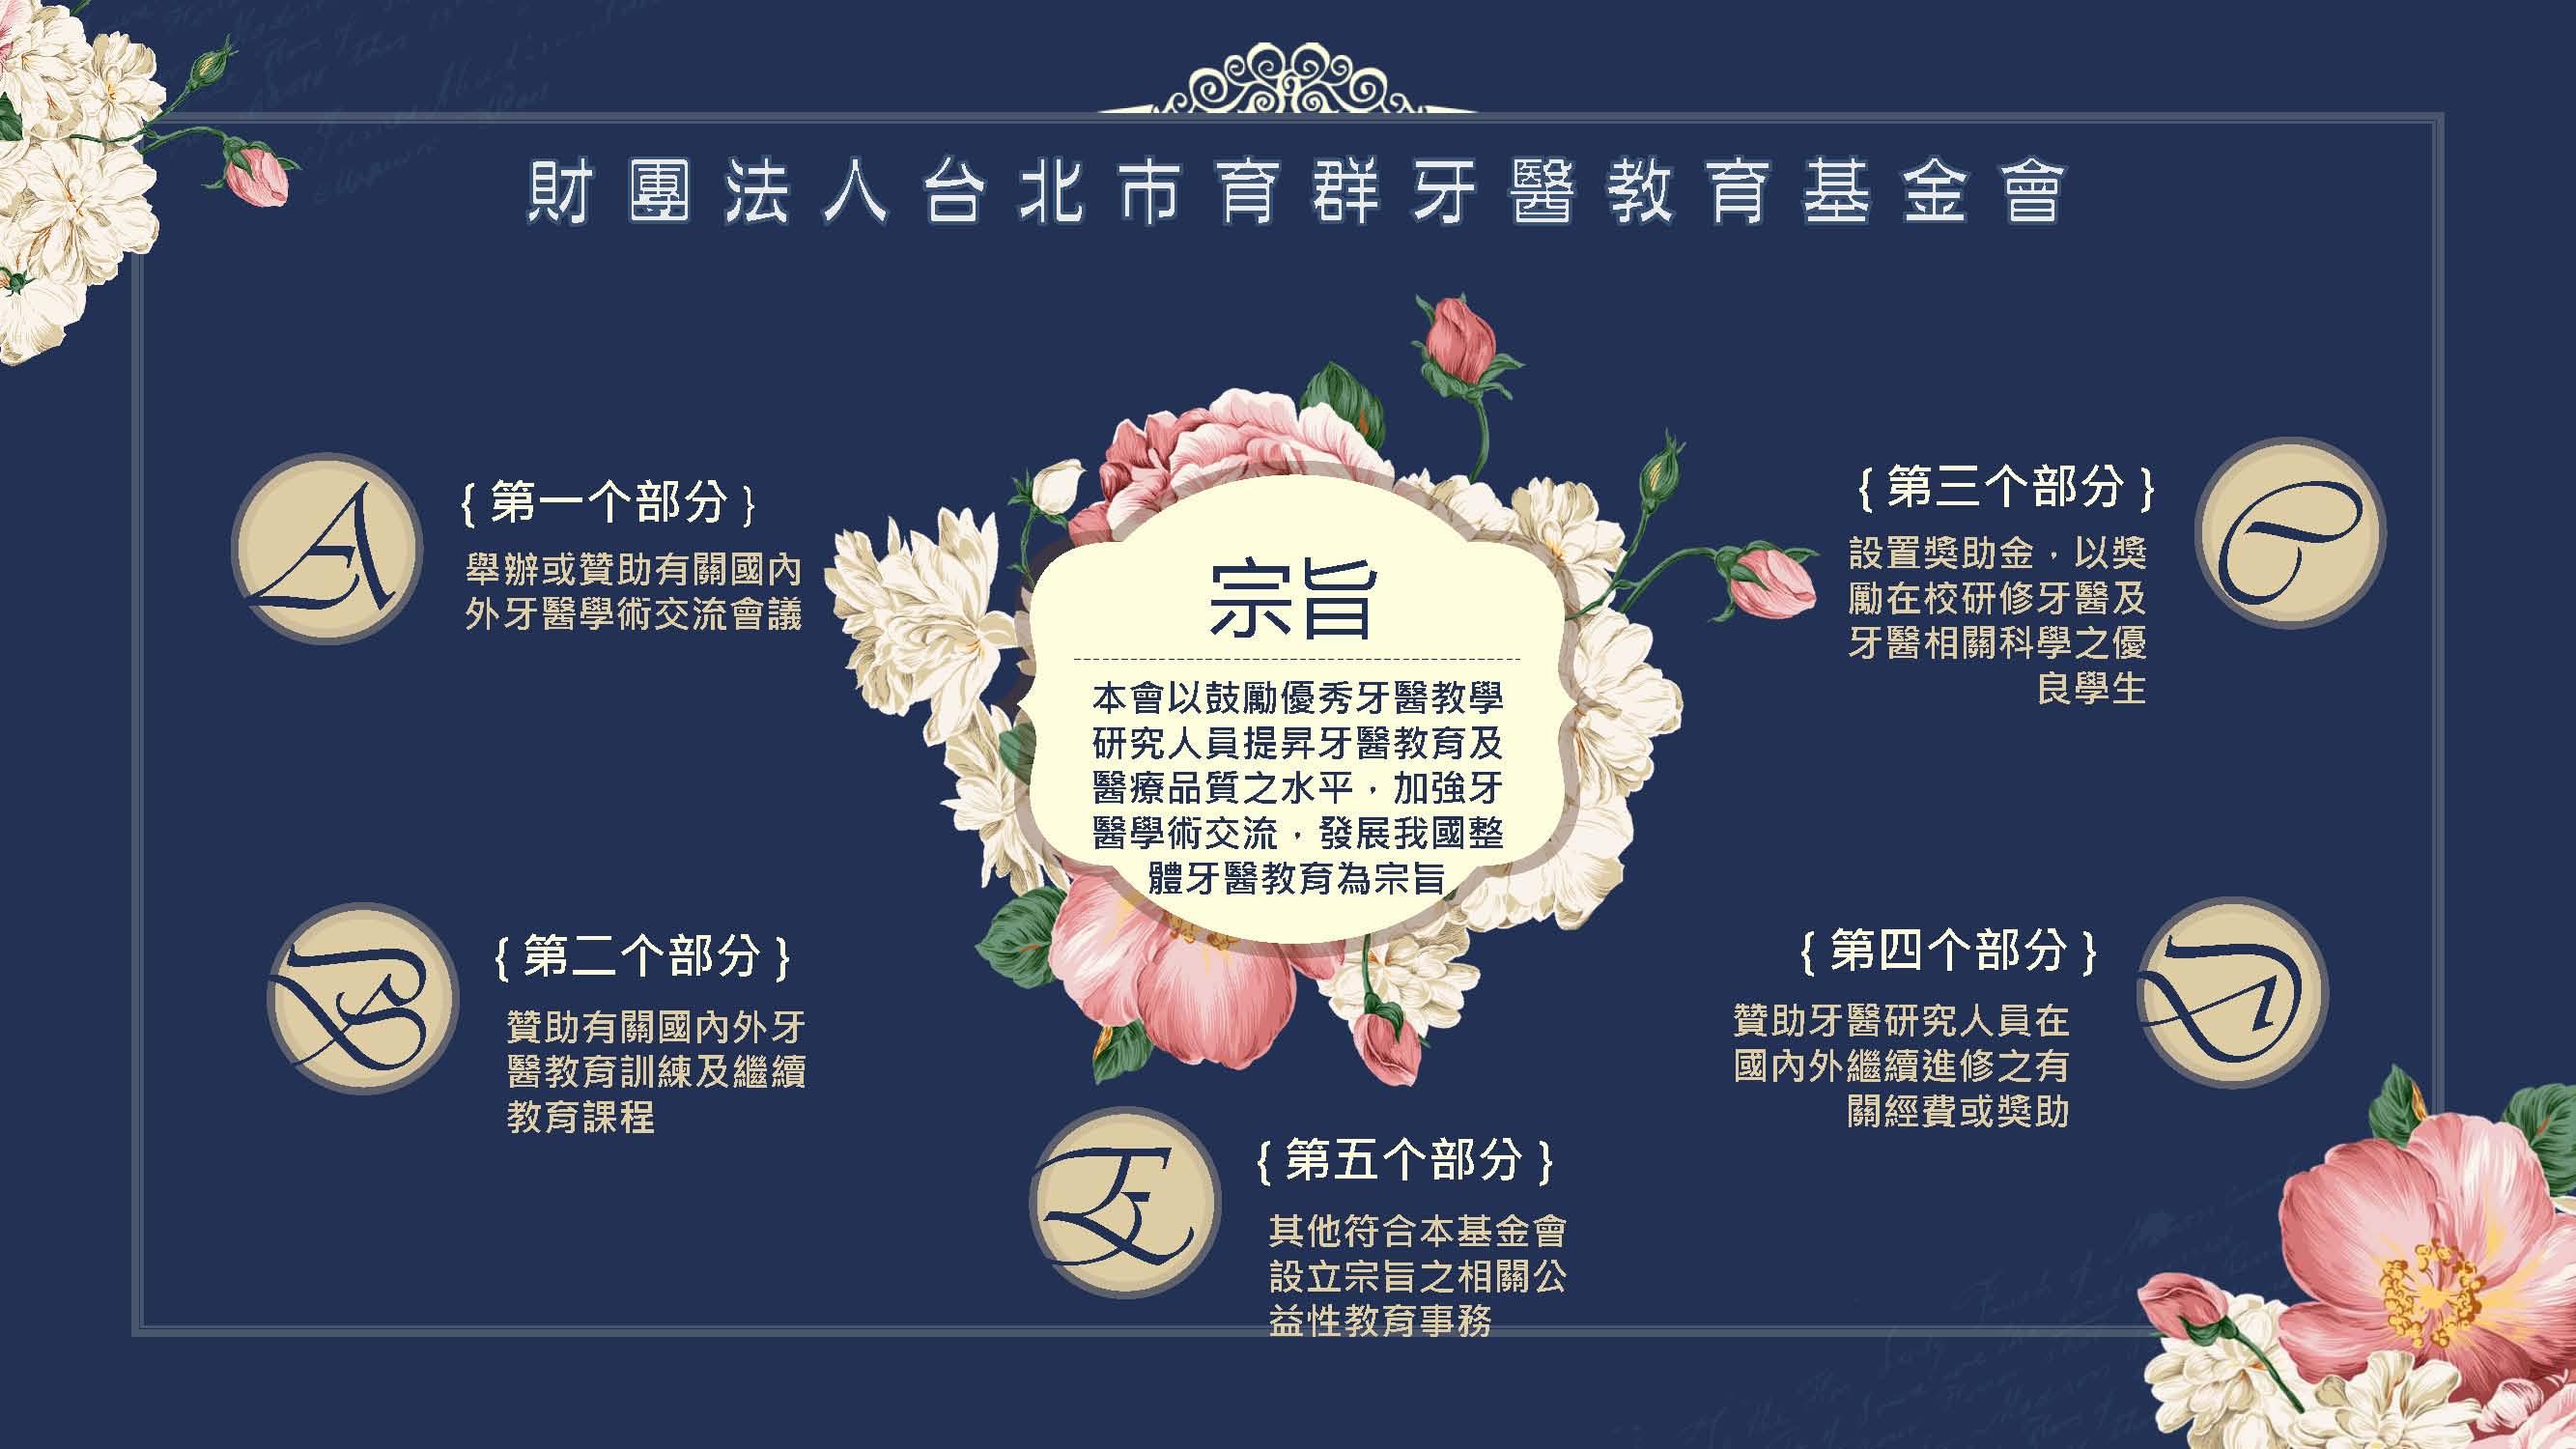 財團法人台北市育群牙醫教育基金會頒發獎助學金